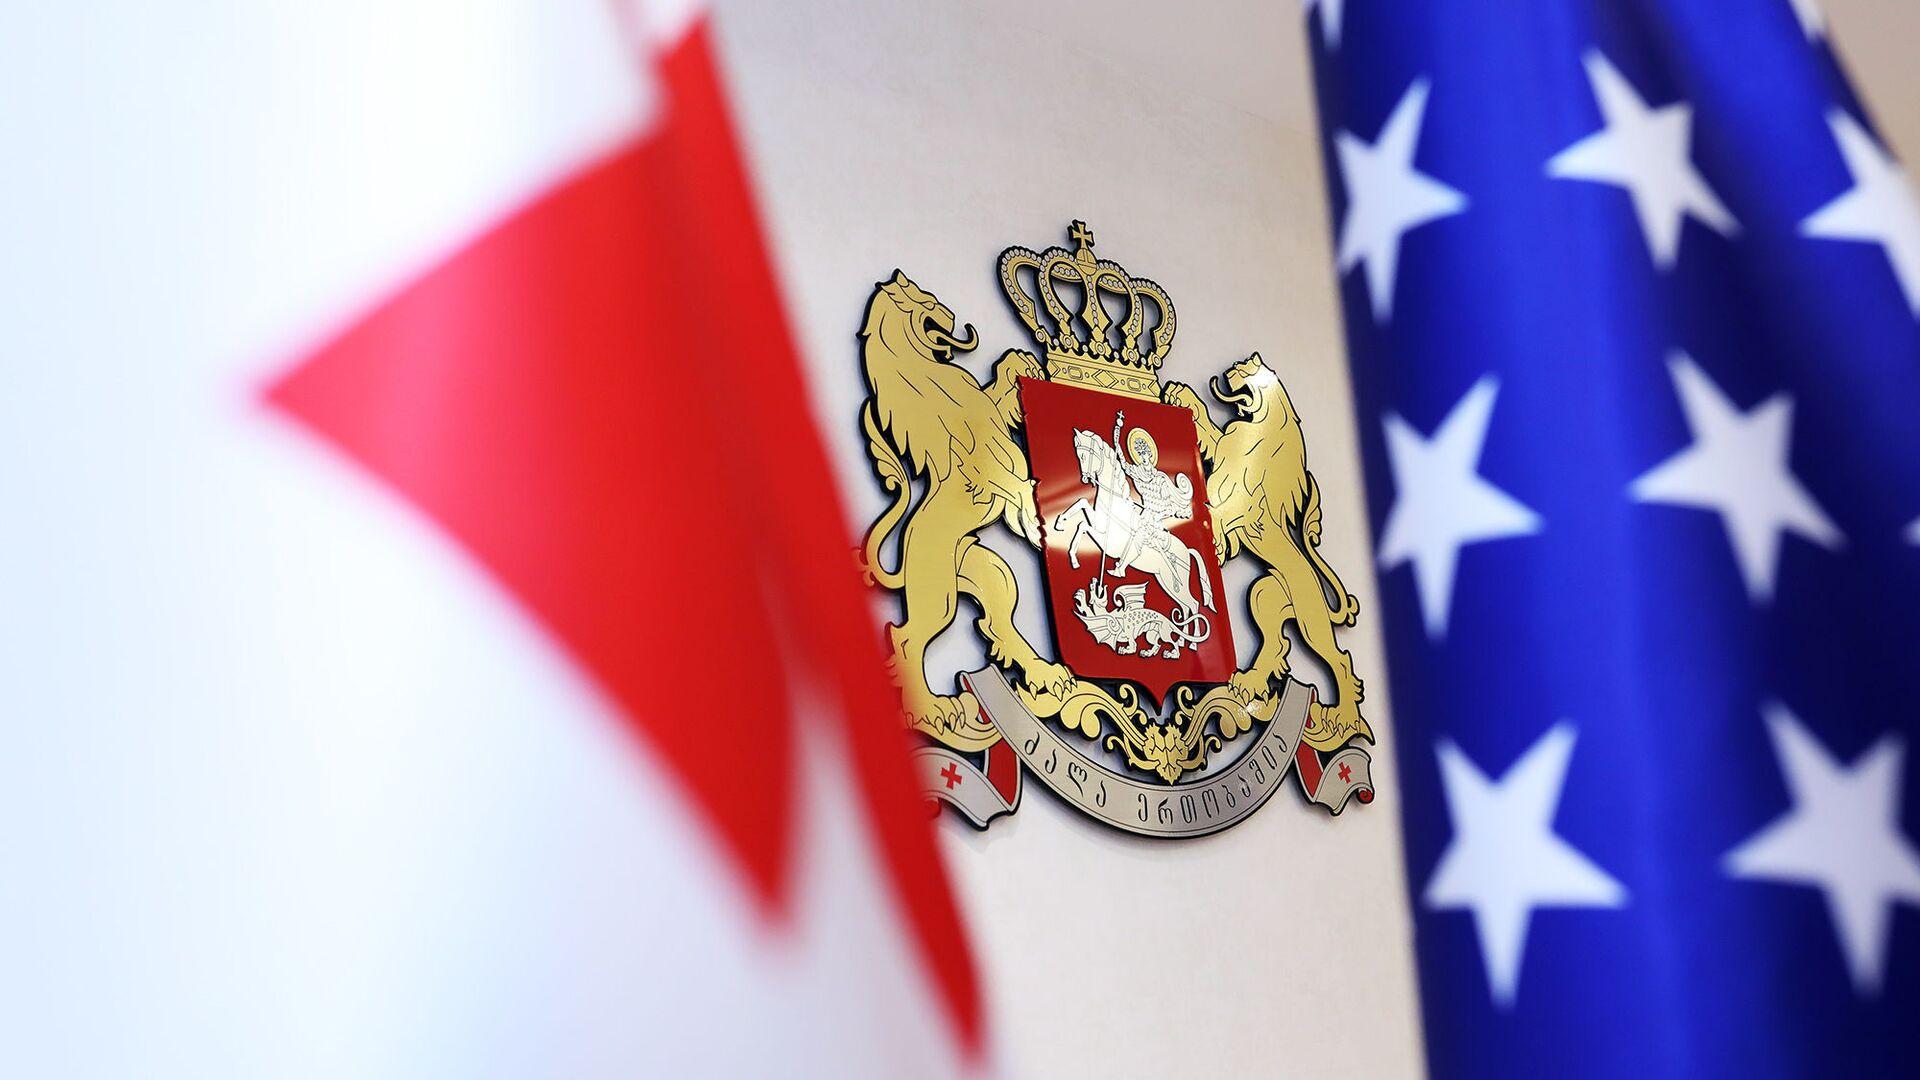 Флаги Грузии и США и грузинский герб - государственная символика - Sputnik Грузия, 1920, 02.10.2021